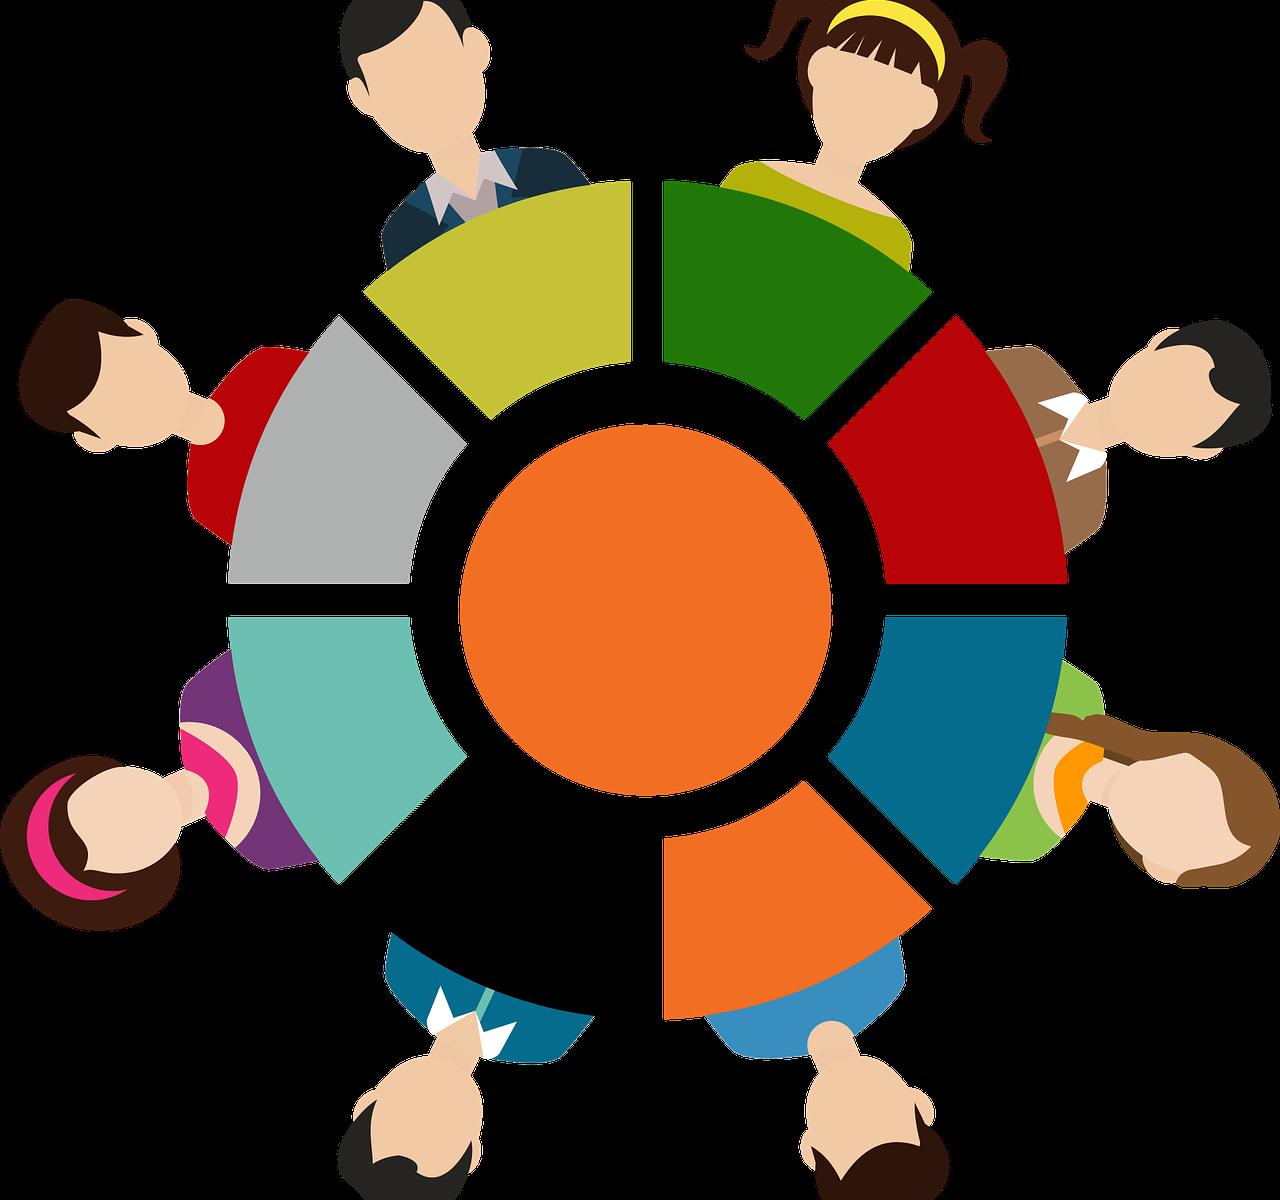 Grafik menschliche Gruppe im Kreis